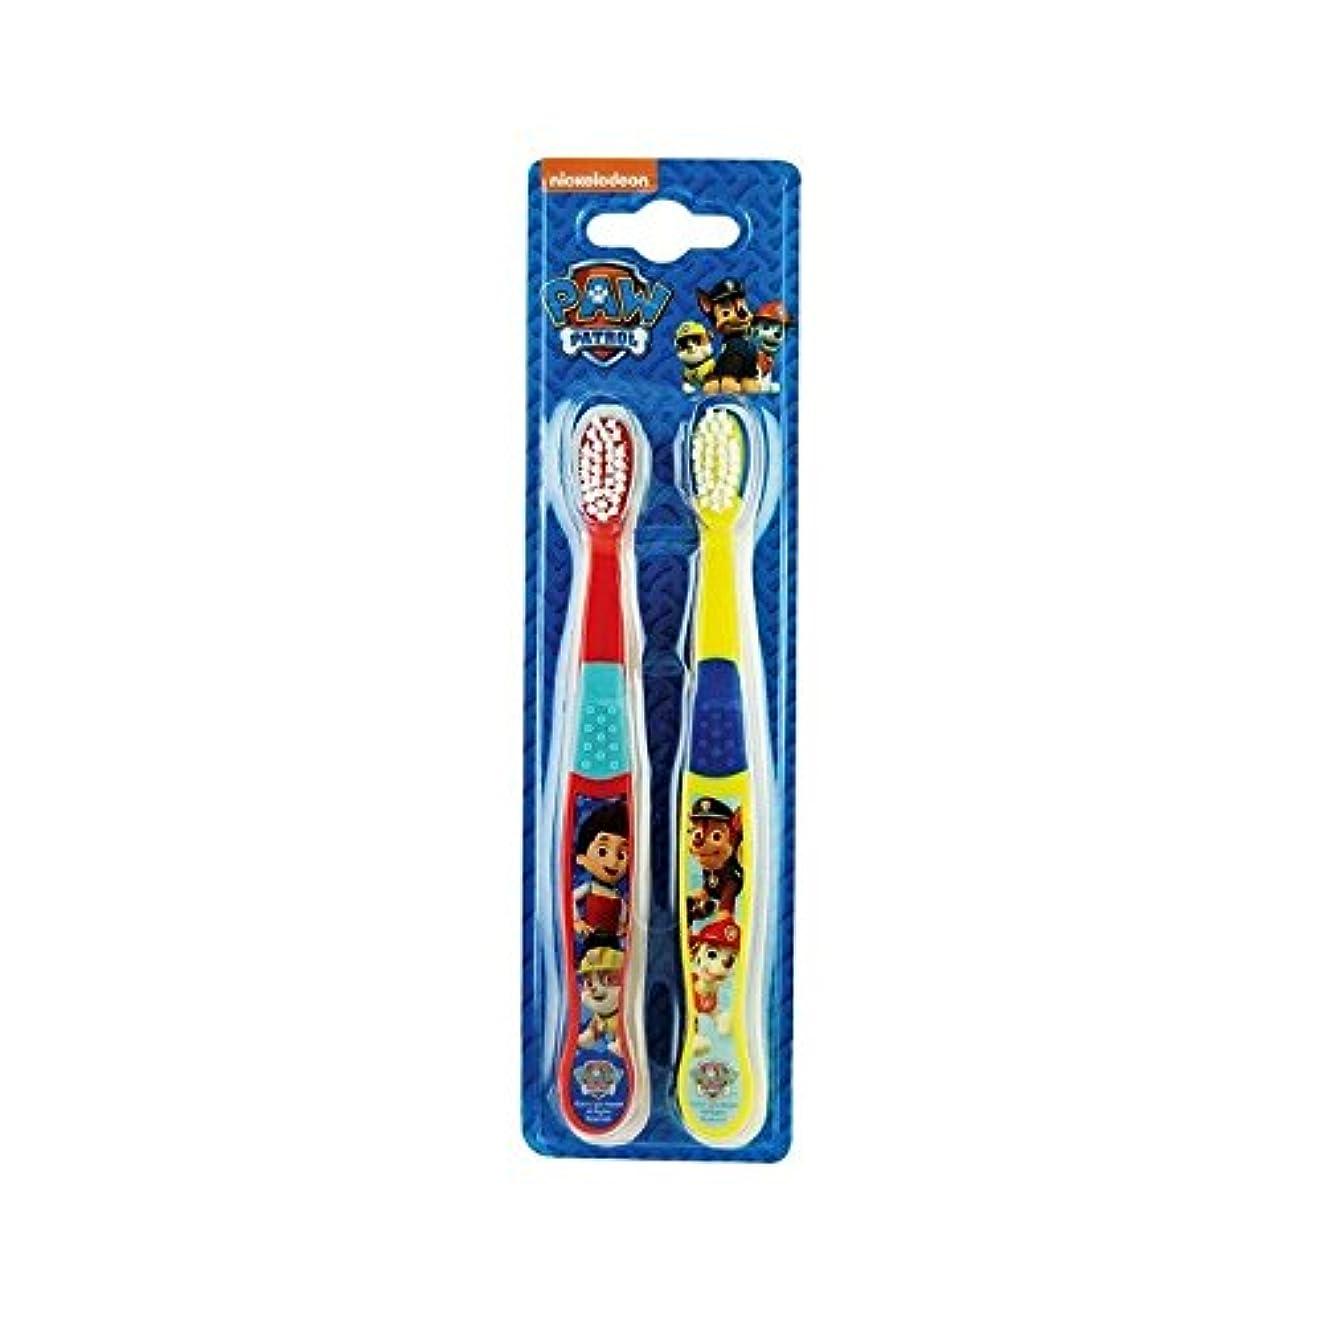 つぶす反対した先駆者1パックツイン歯ブラシ2 (Paw Patrol) (x 6) - Paw Patrol Twin Toothbrush 2 per pack (Pack of 6) [並行輸入品]